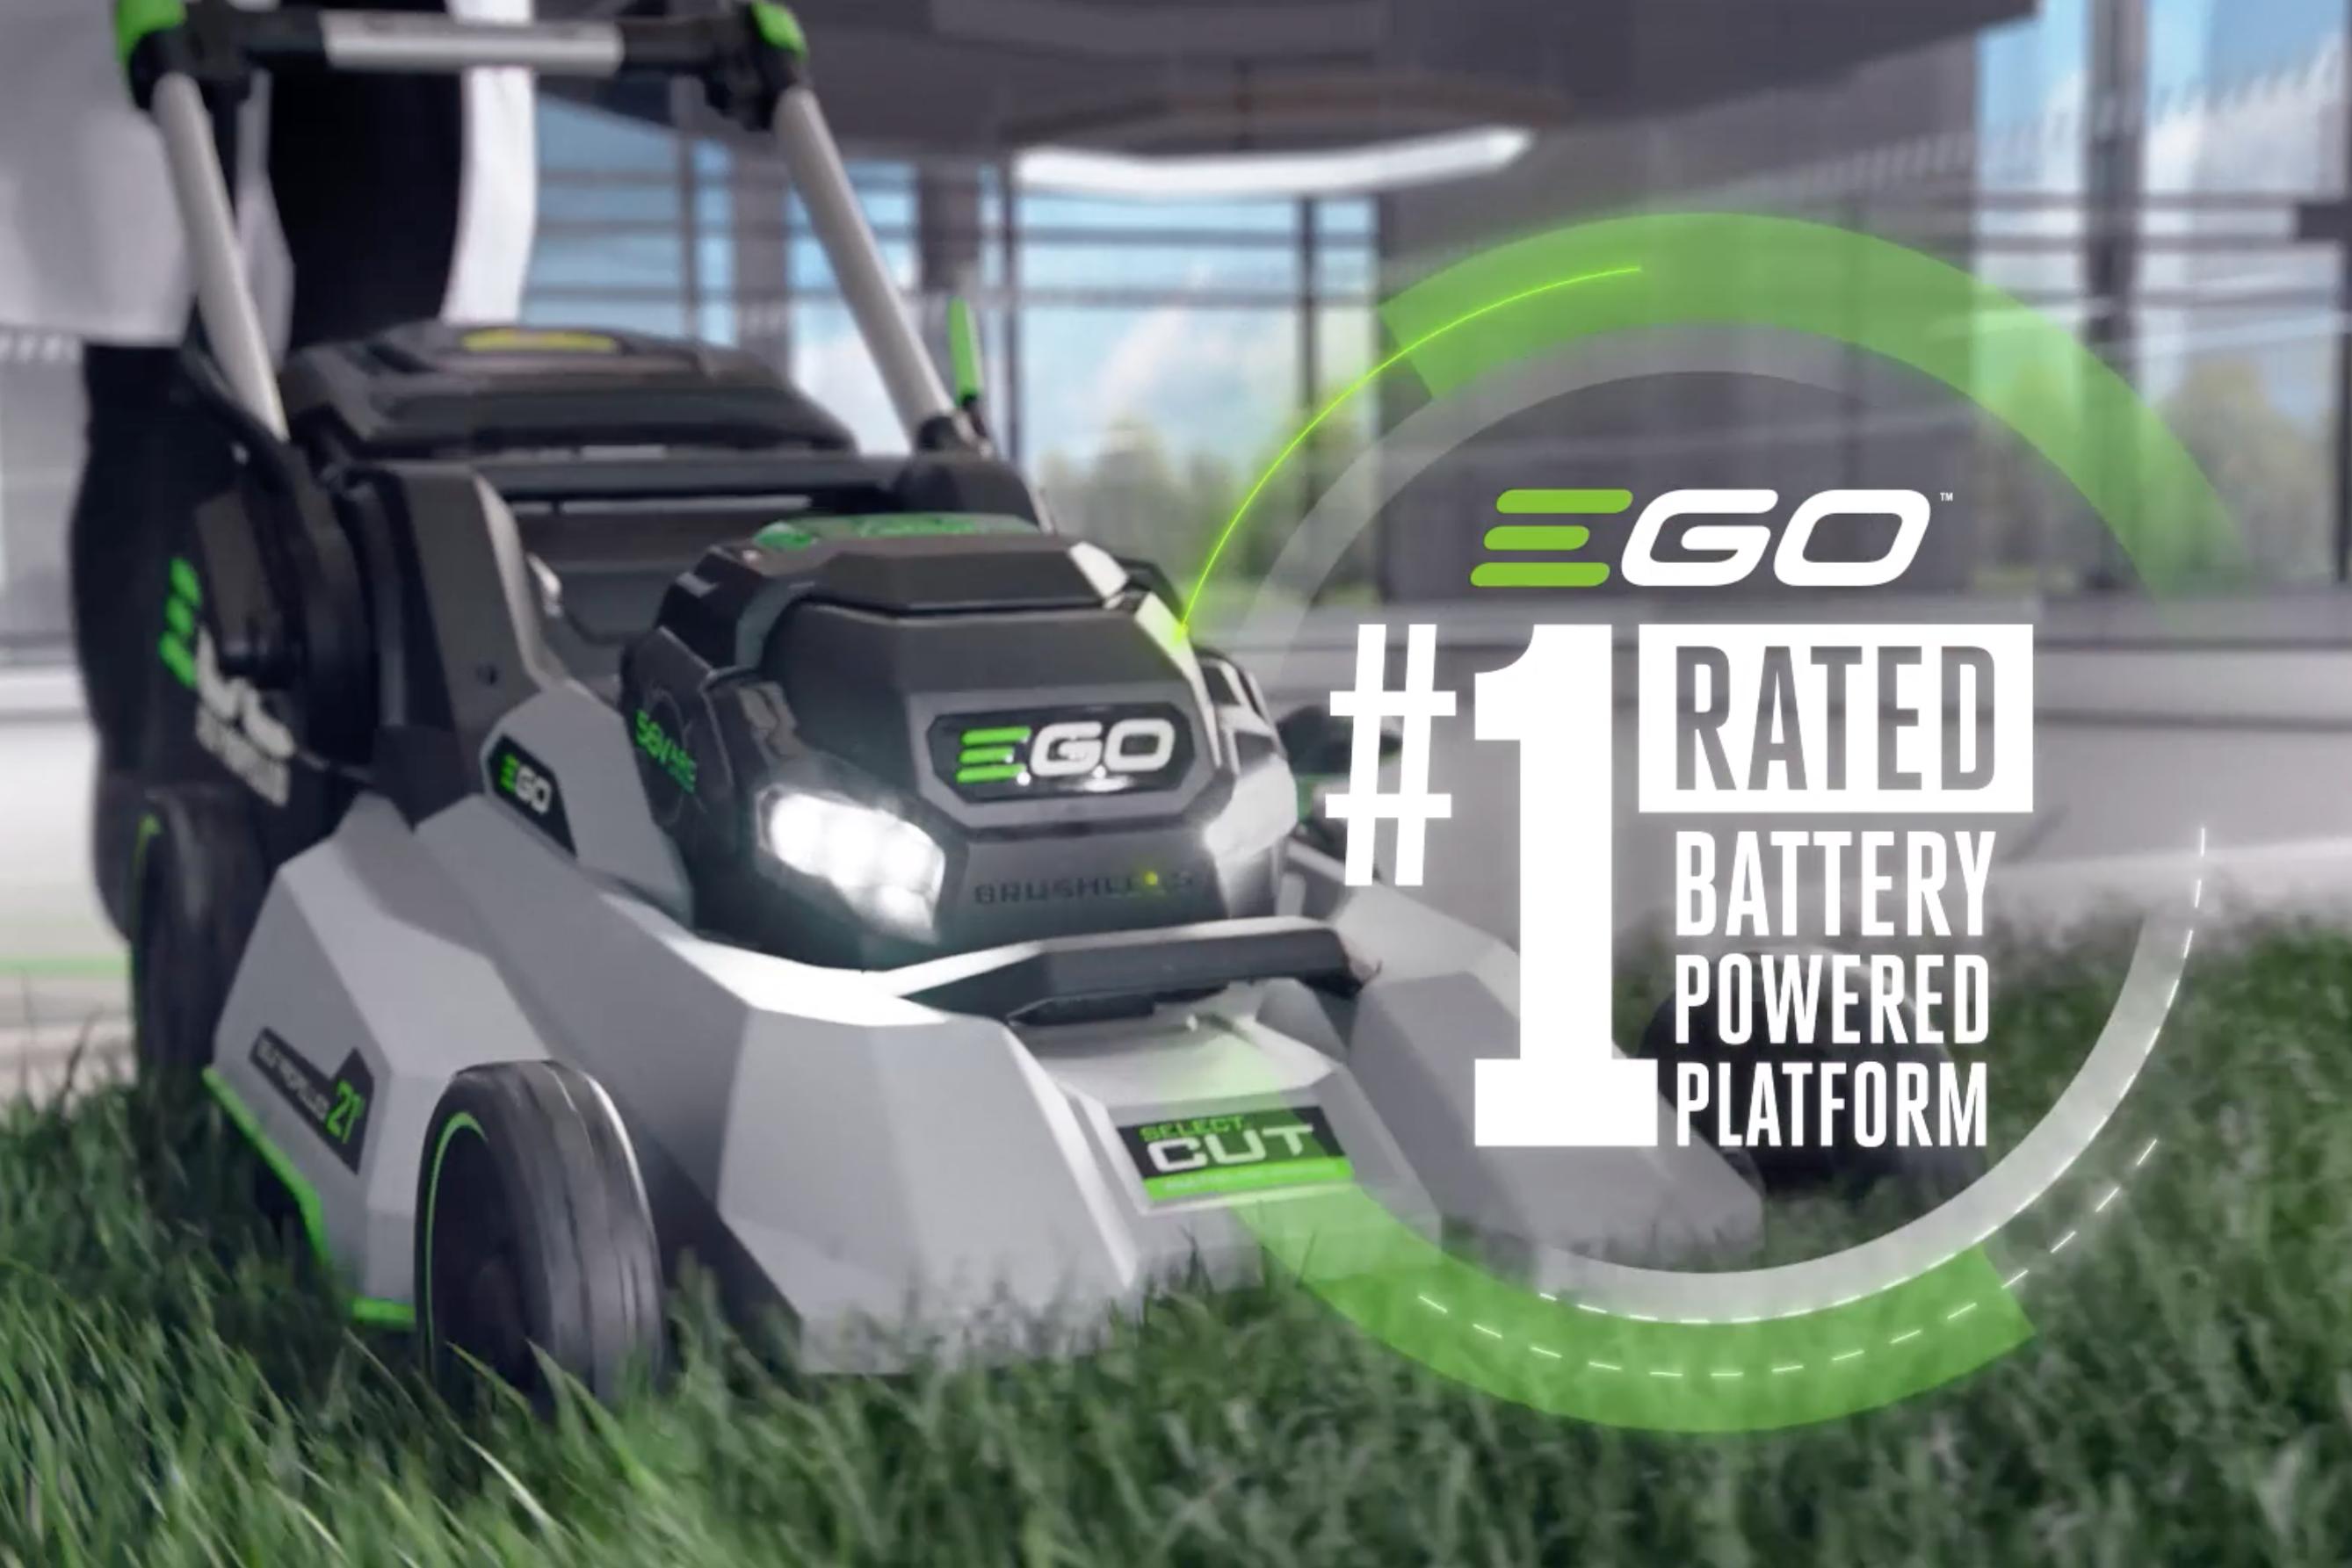 Chervon: EGO POWER+ Self-Propelled Mower